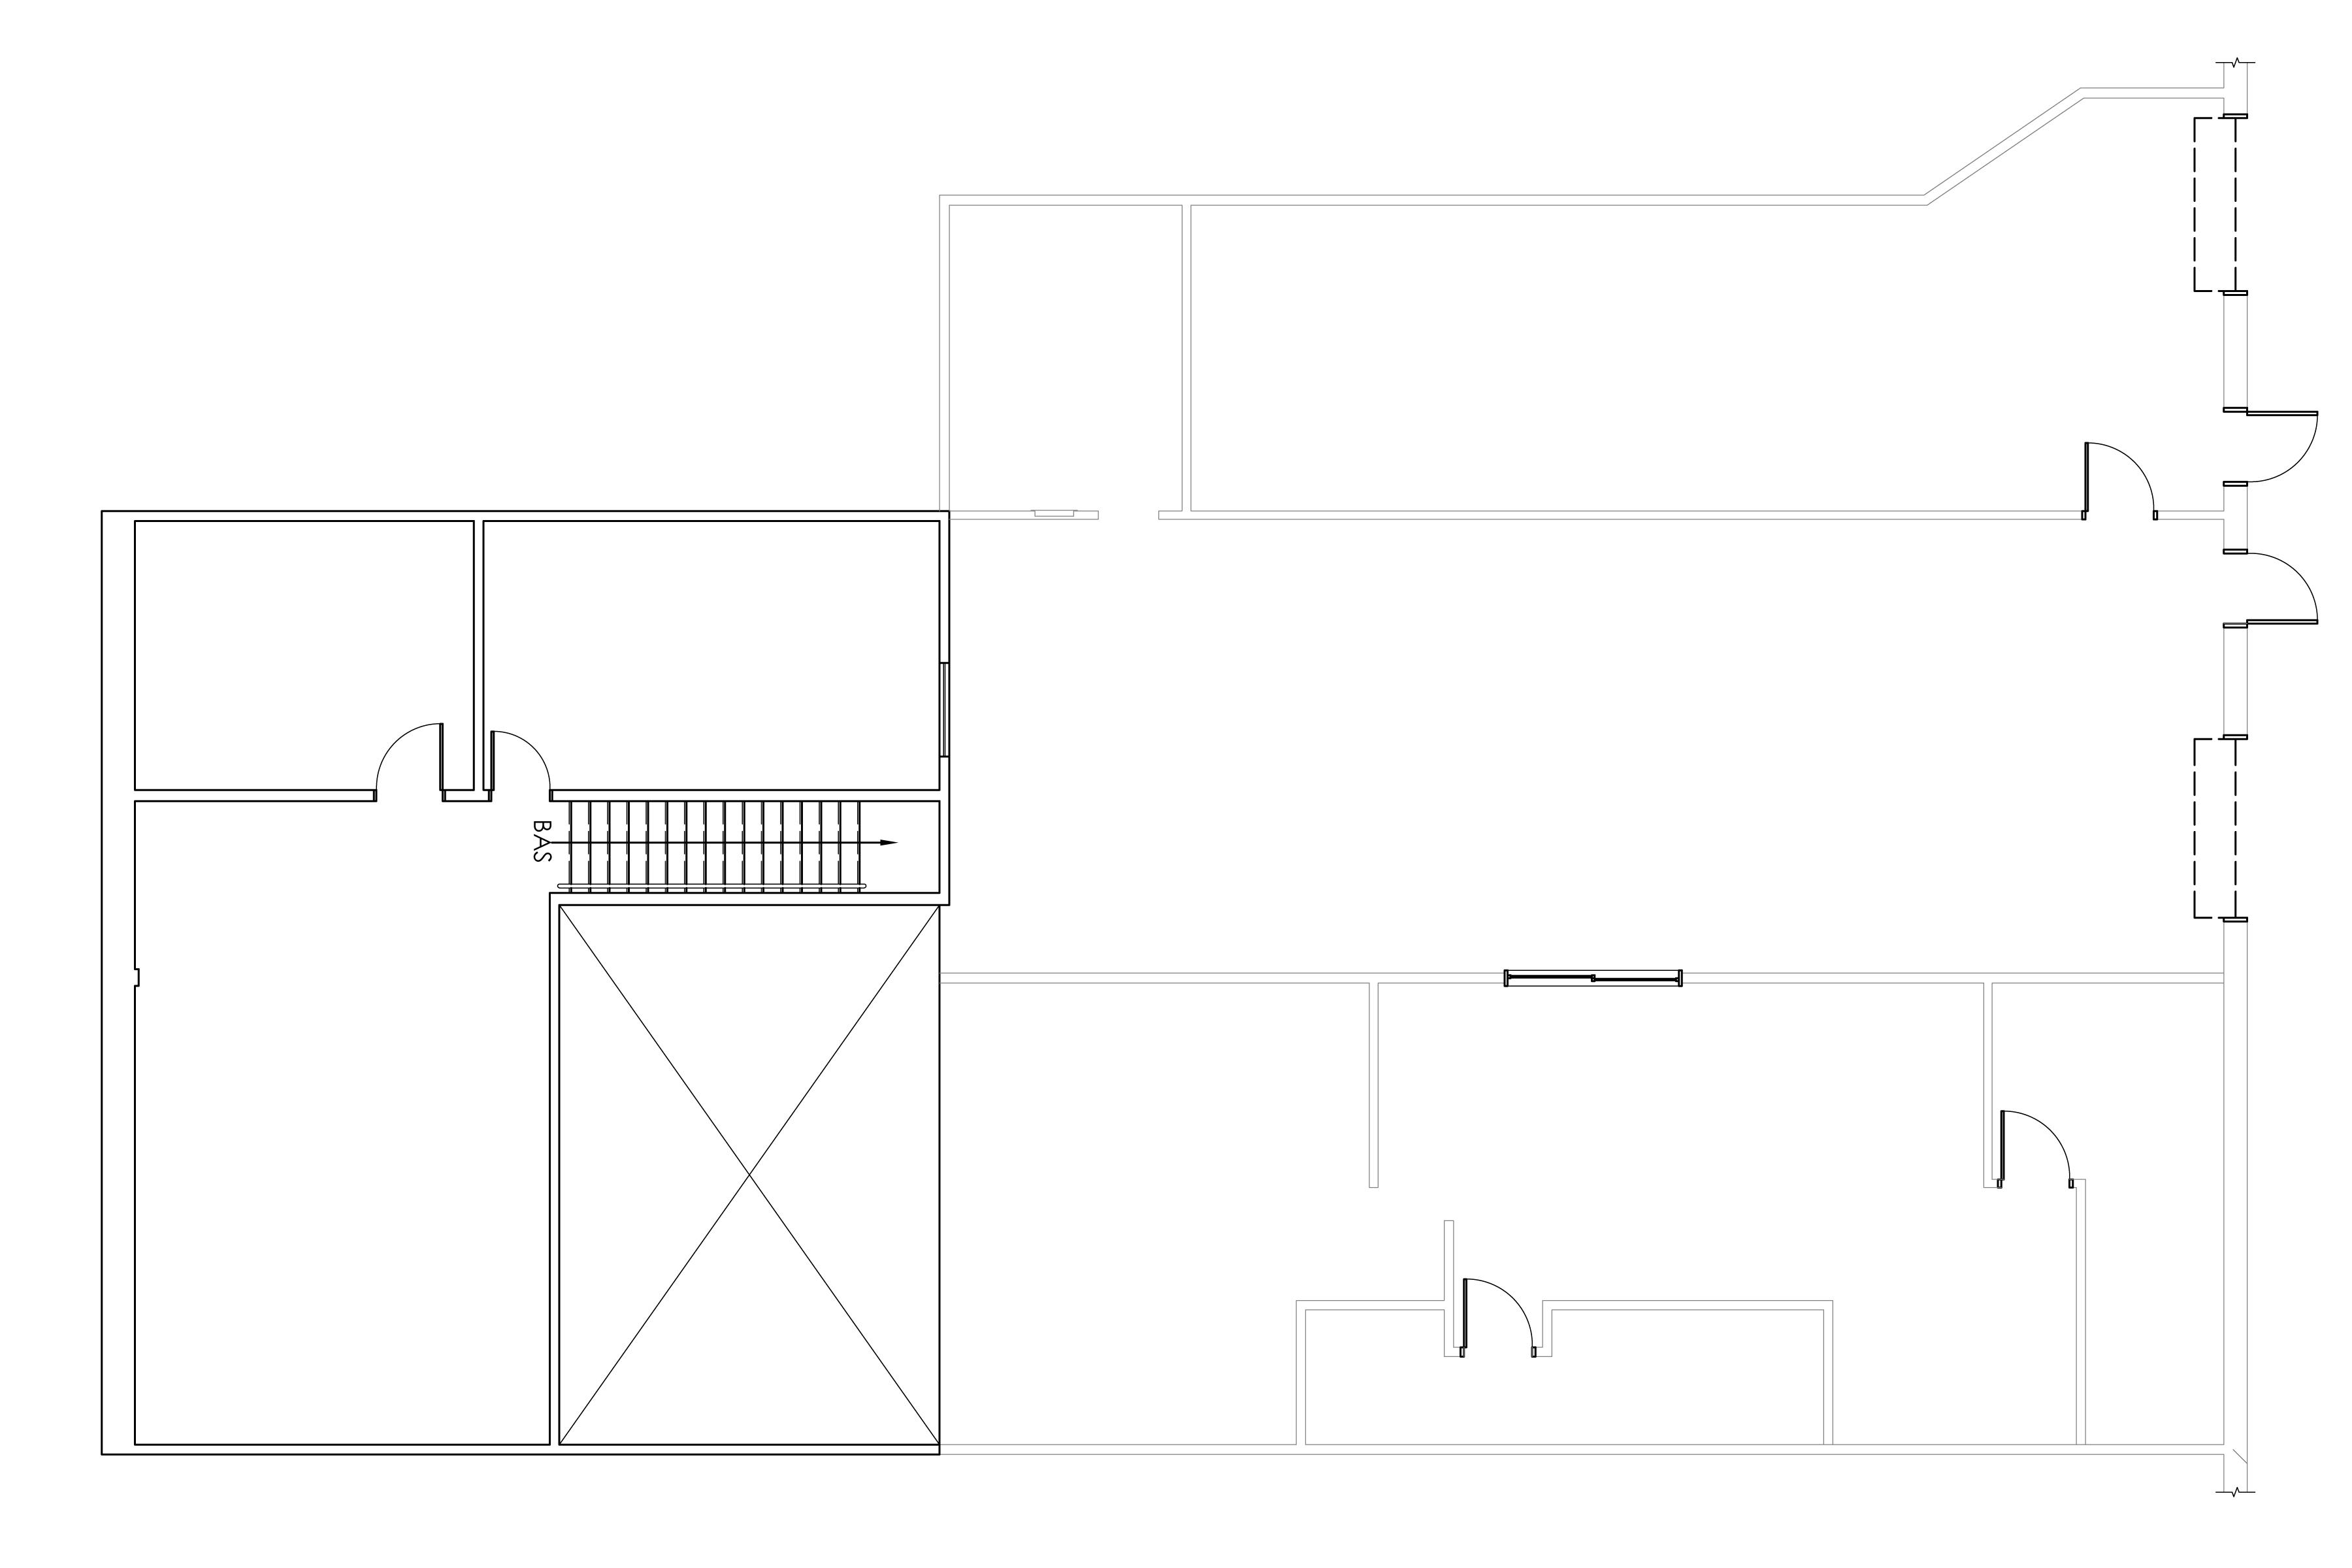 Mezzanine (B)